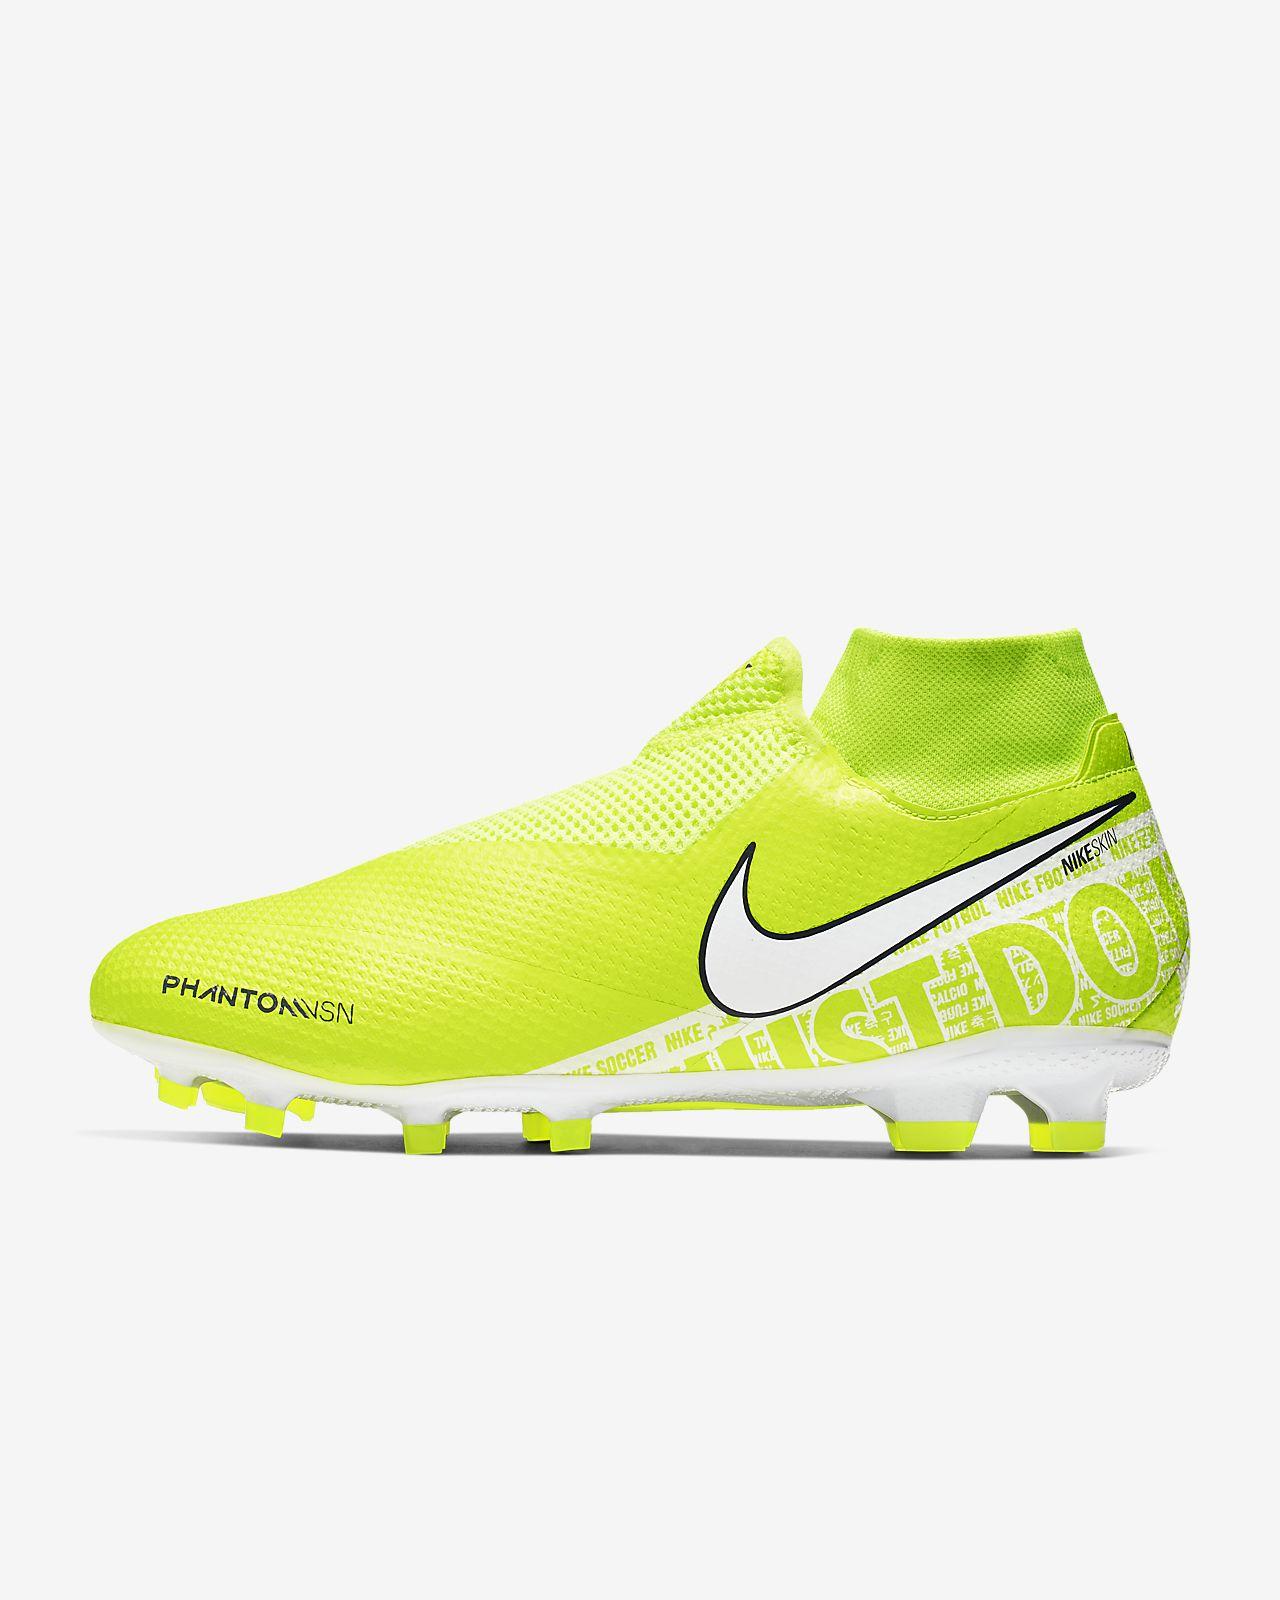 Ποδοσφαιρικό παπούτσι για σκληρές επιφάνειες Nike Phantom Vision Pro Dynamic Fit FG